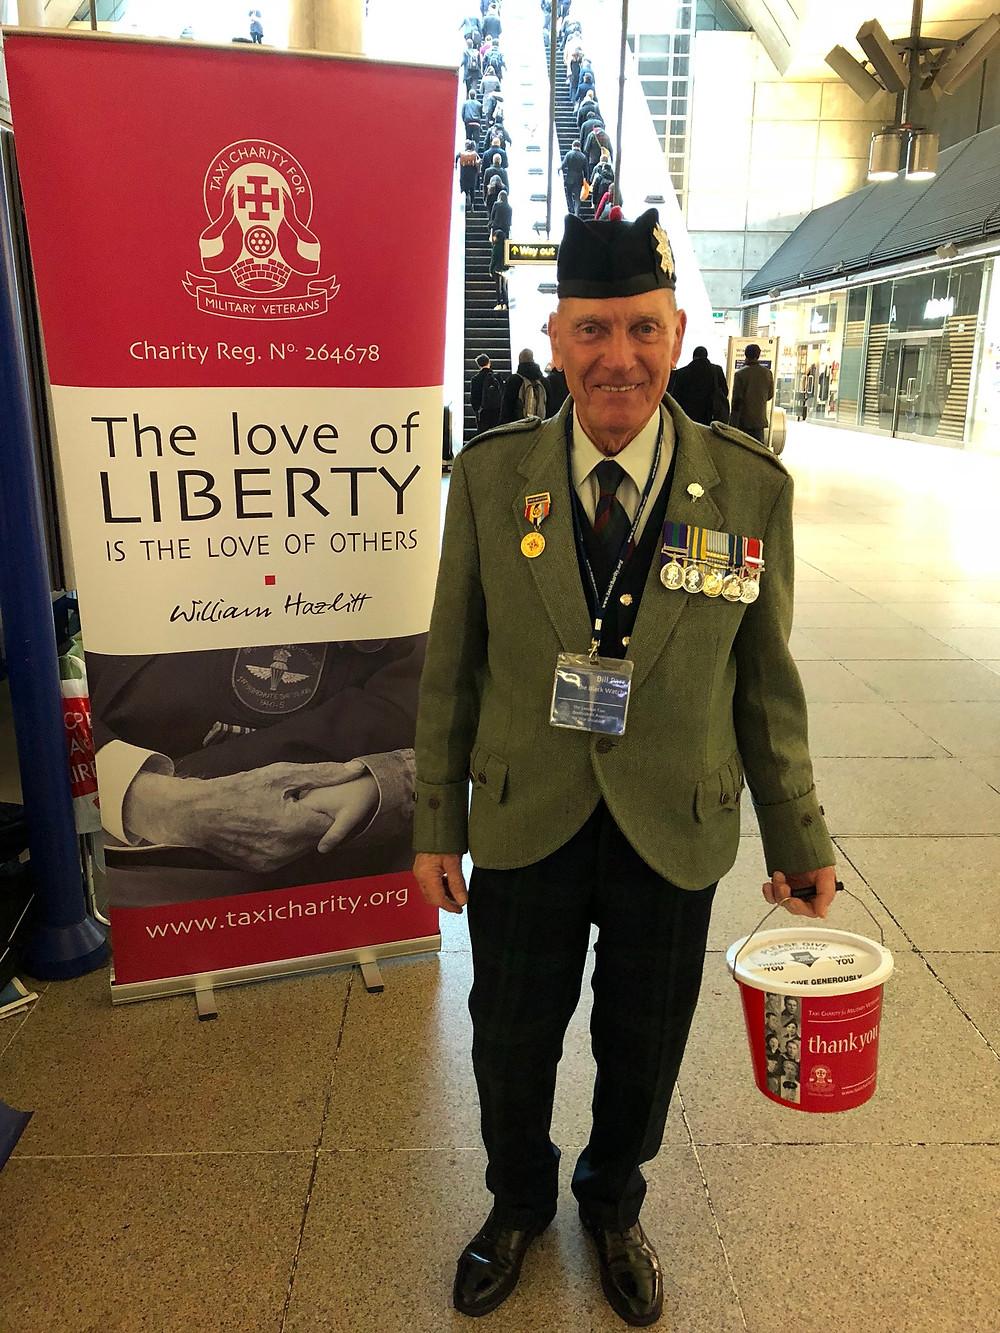 War veteran Bill Parr